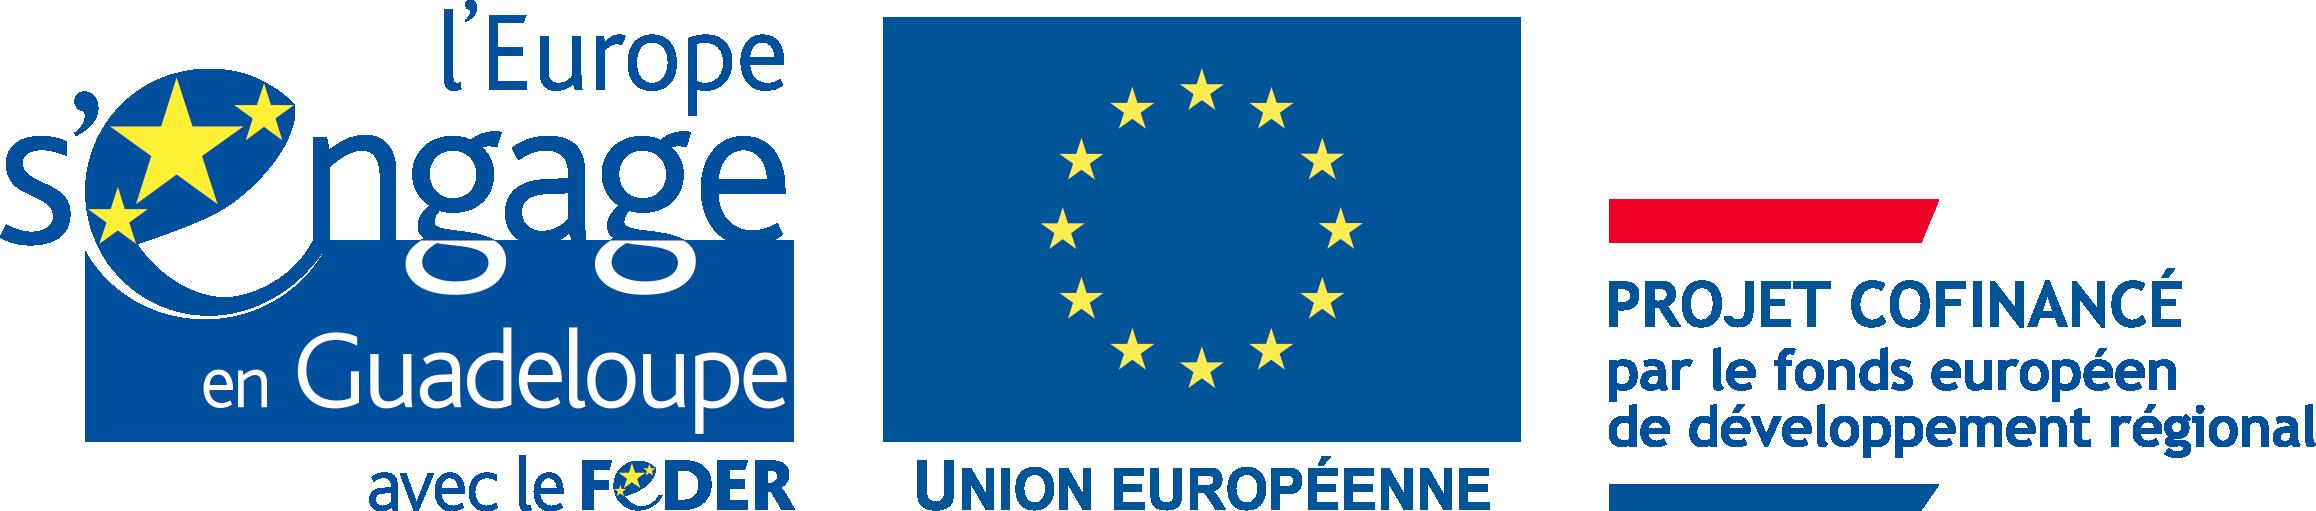 l'Europe s'engage en Guadeloupe avec le FEDER